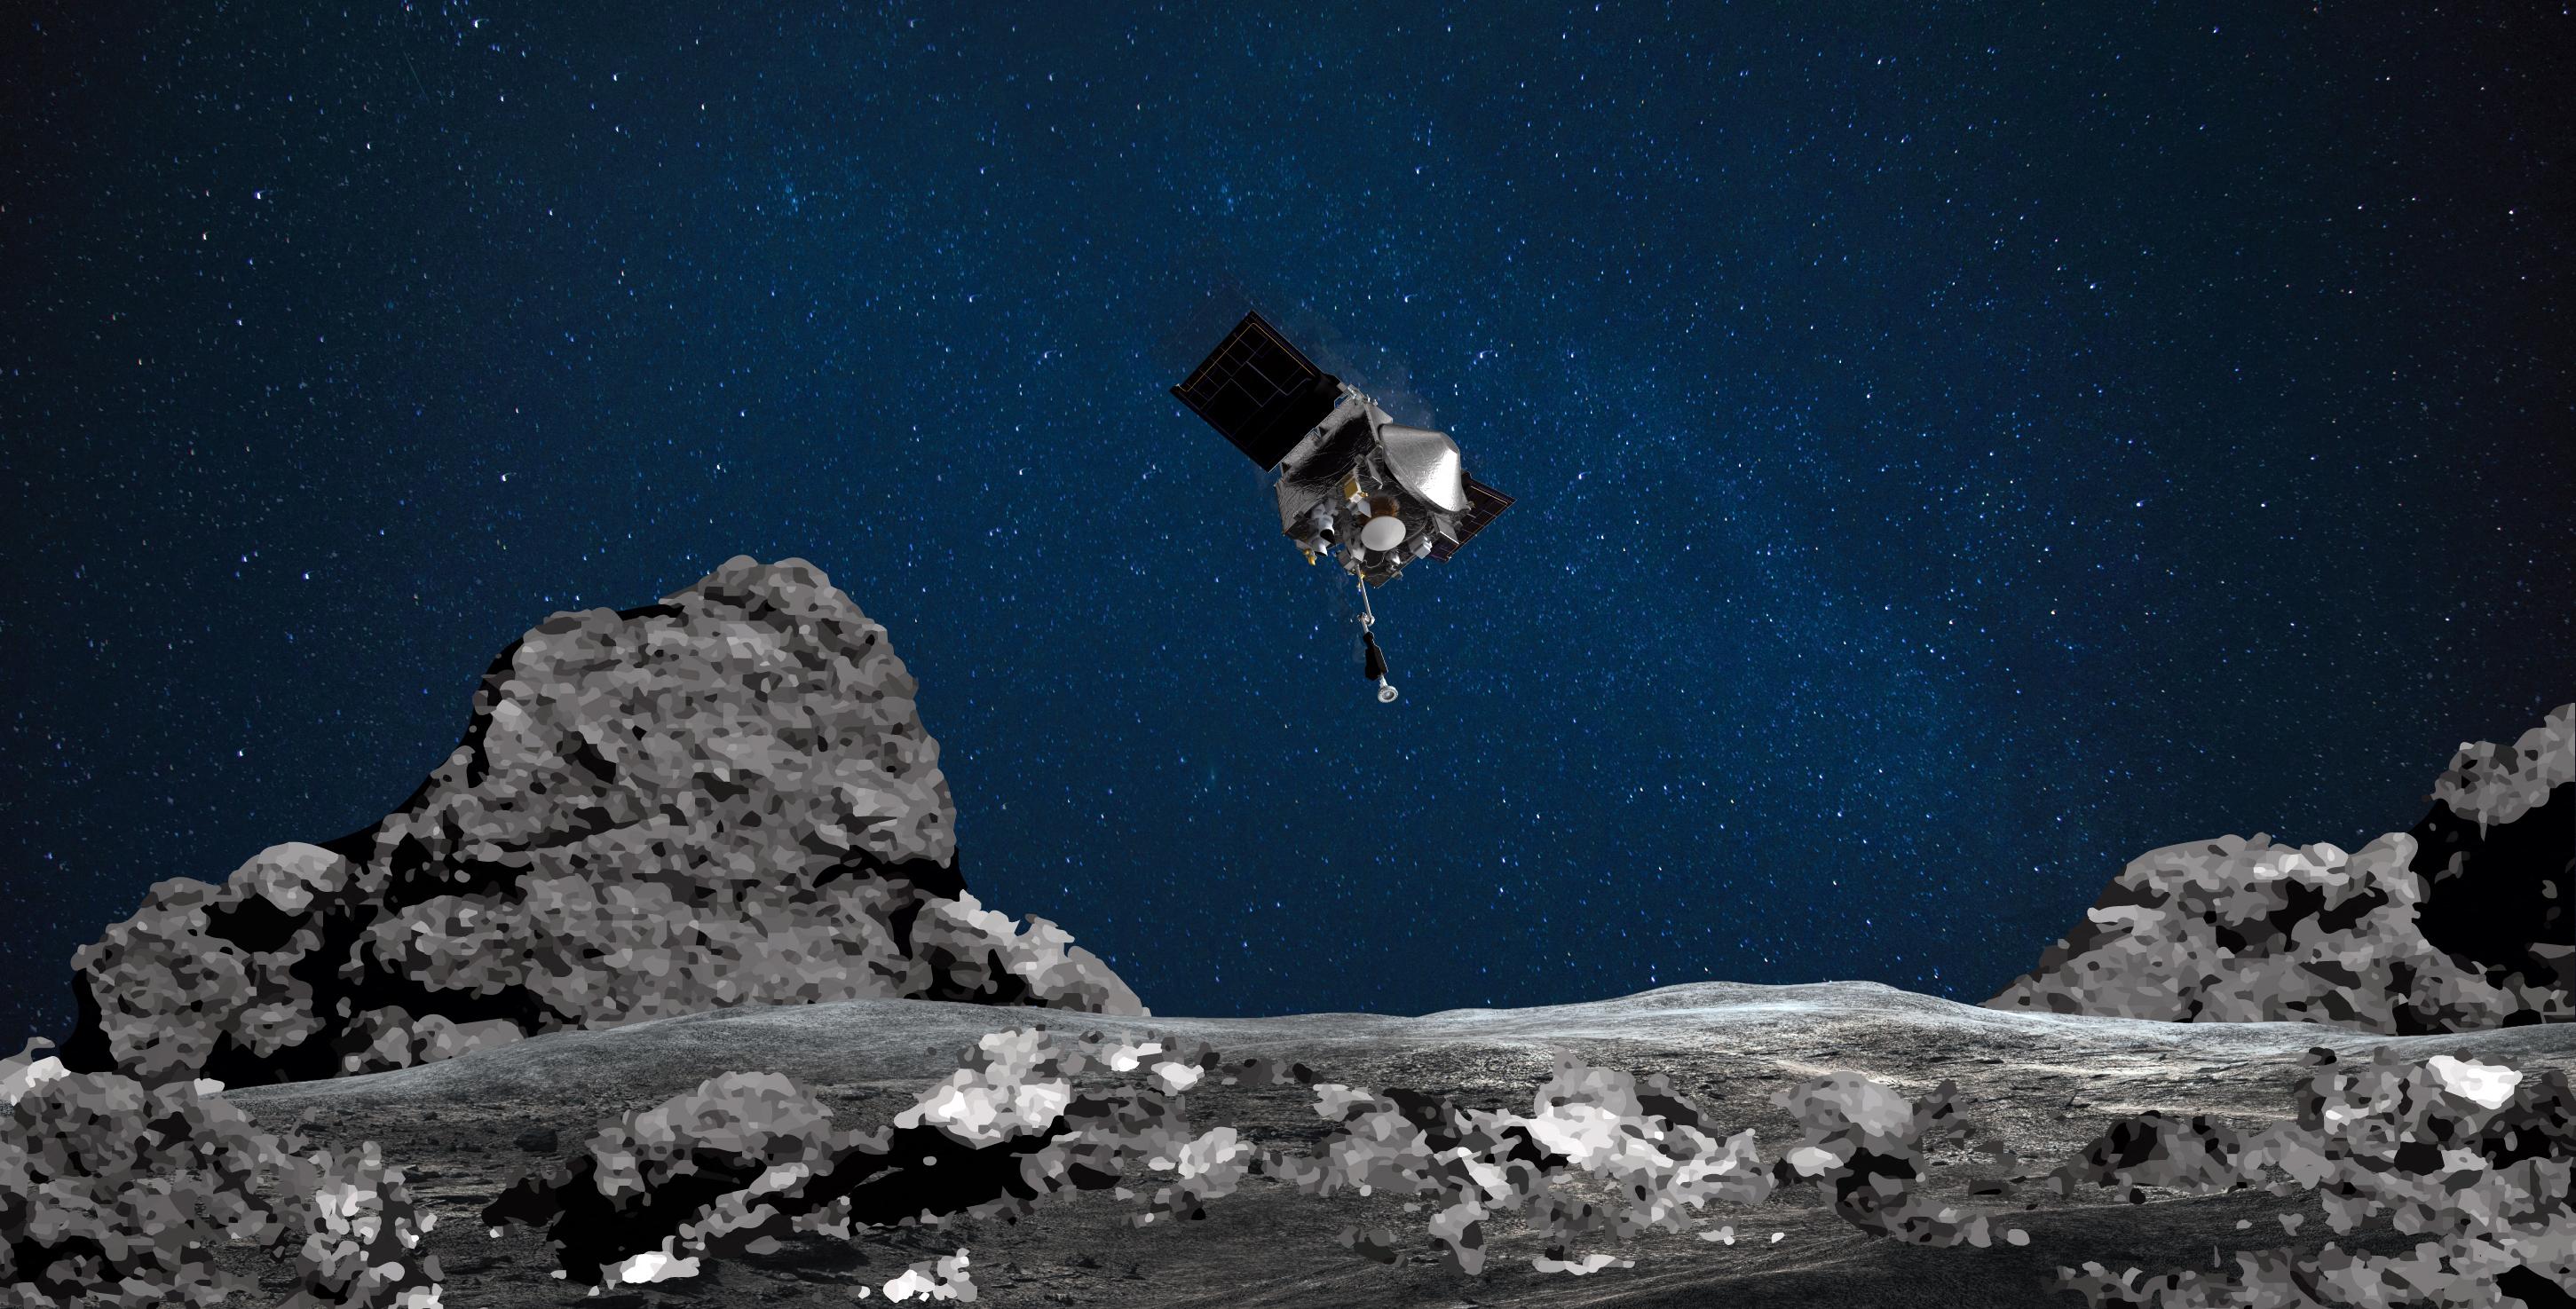 Húsz-negyven dekányi aszteroidamorzsalékkal a gyomrában hazaindult az Osiris-Rex űrszonda